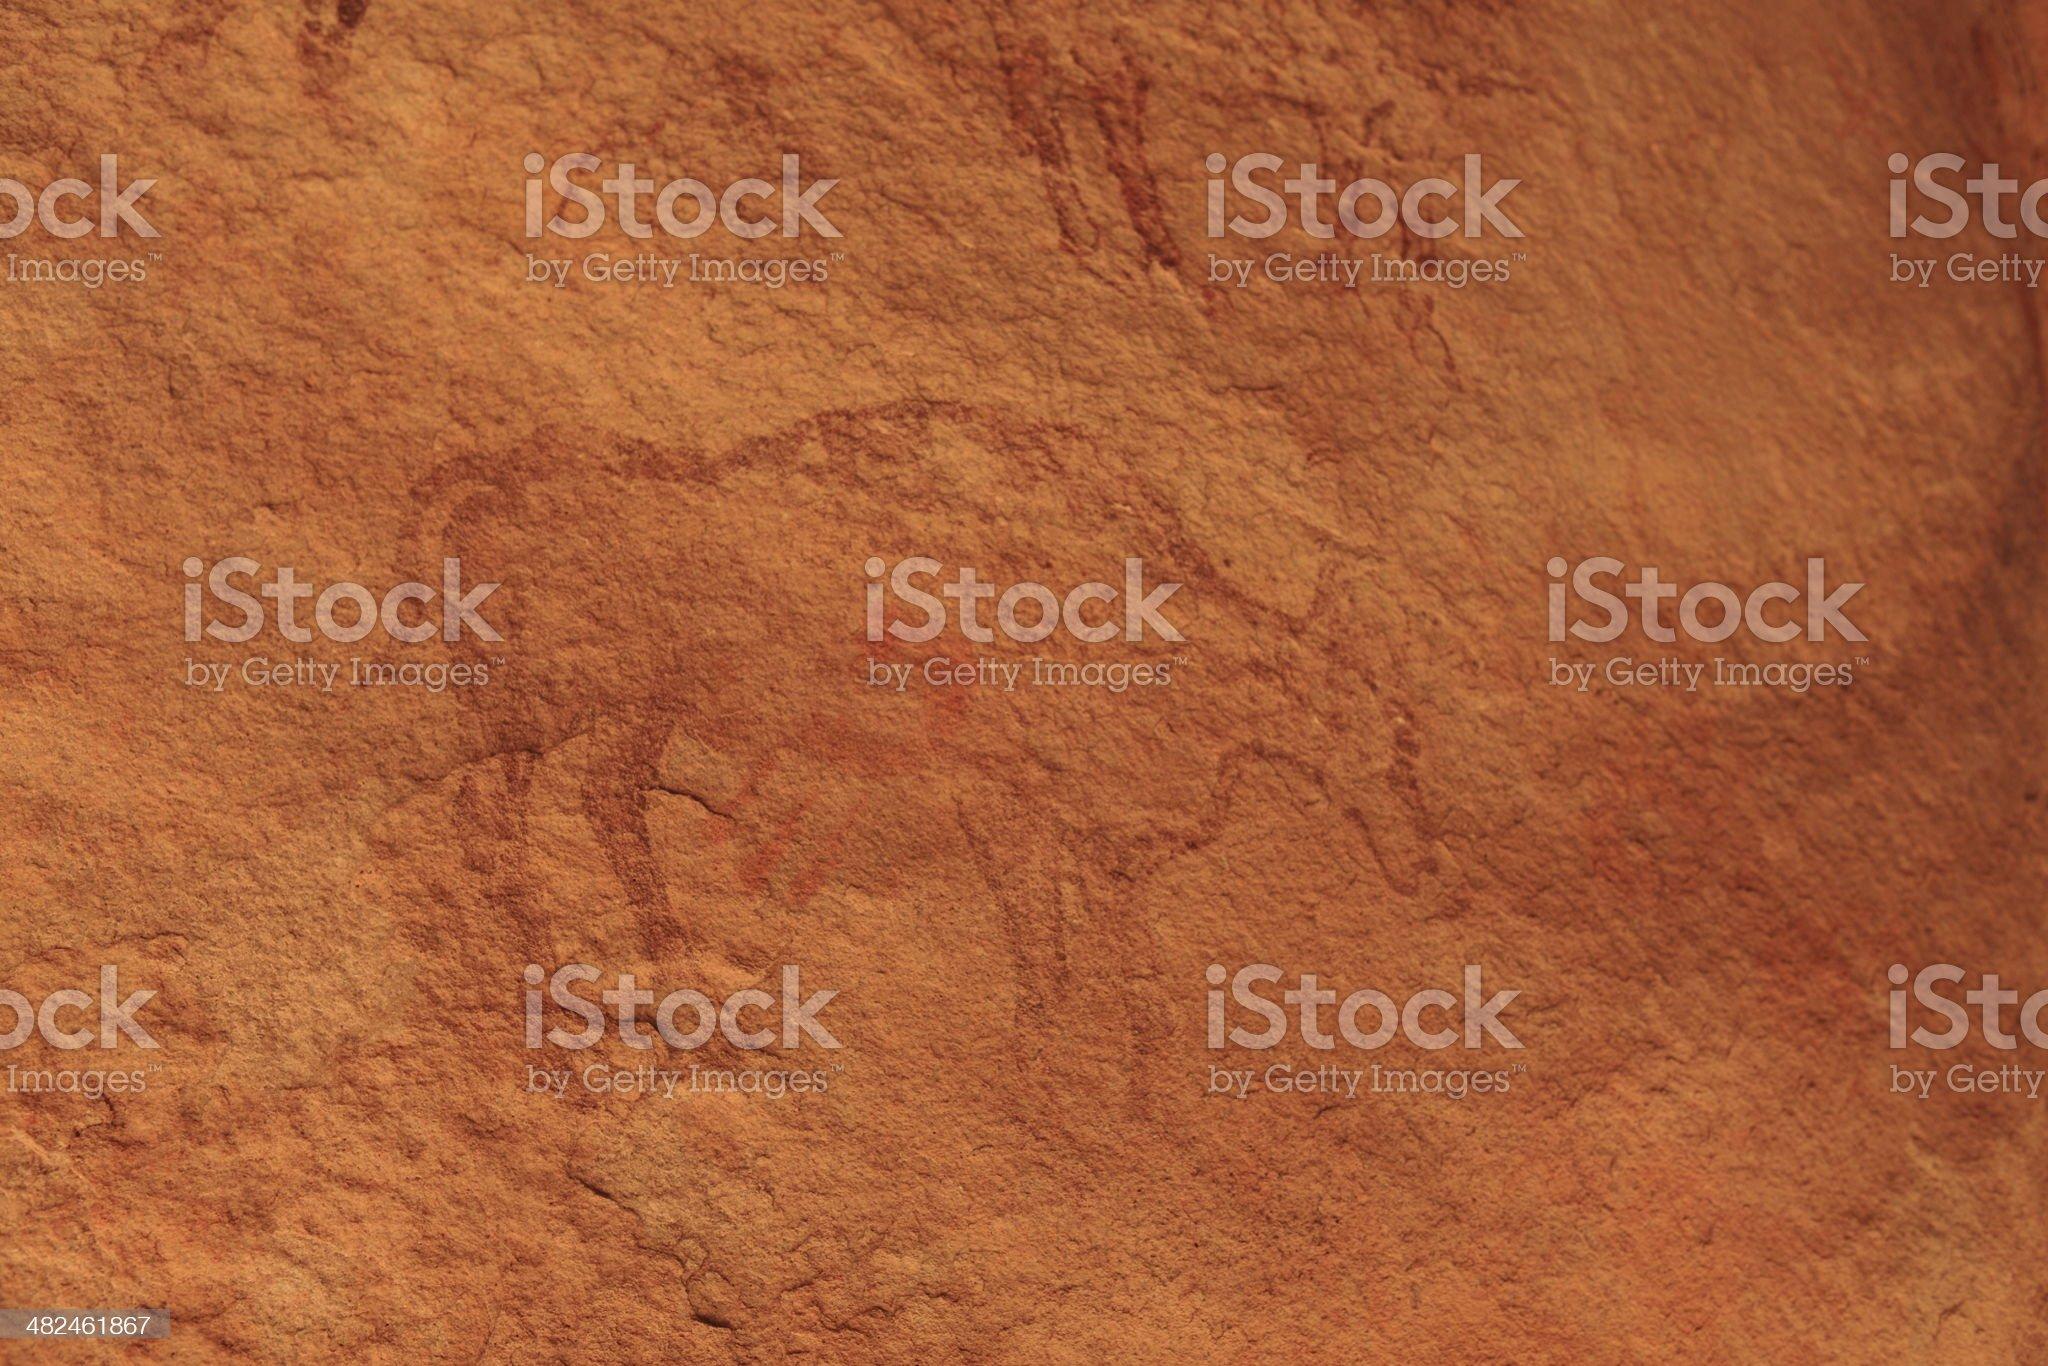 H?hlenmalerei in der algerischen Sahara royalty-free stock photo